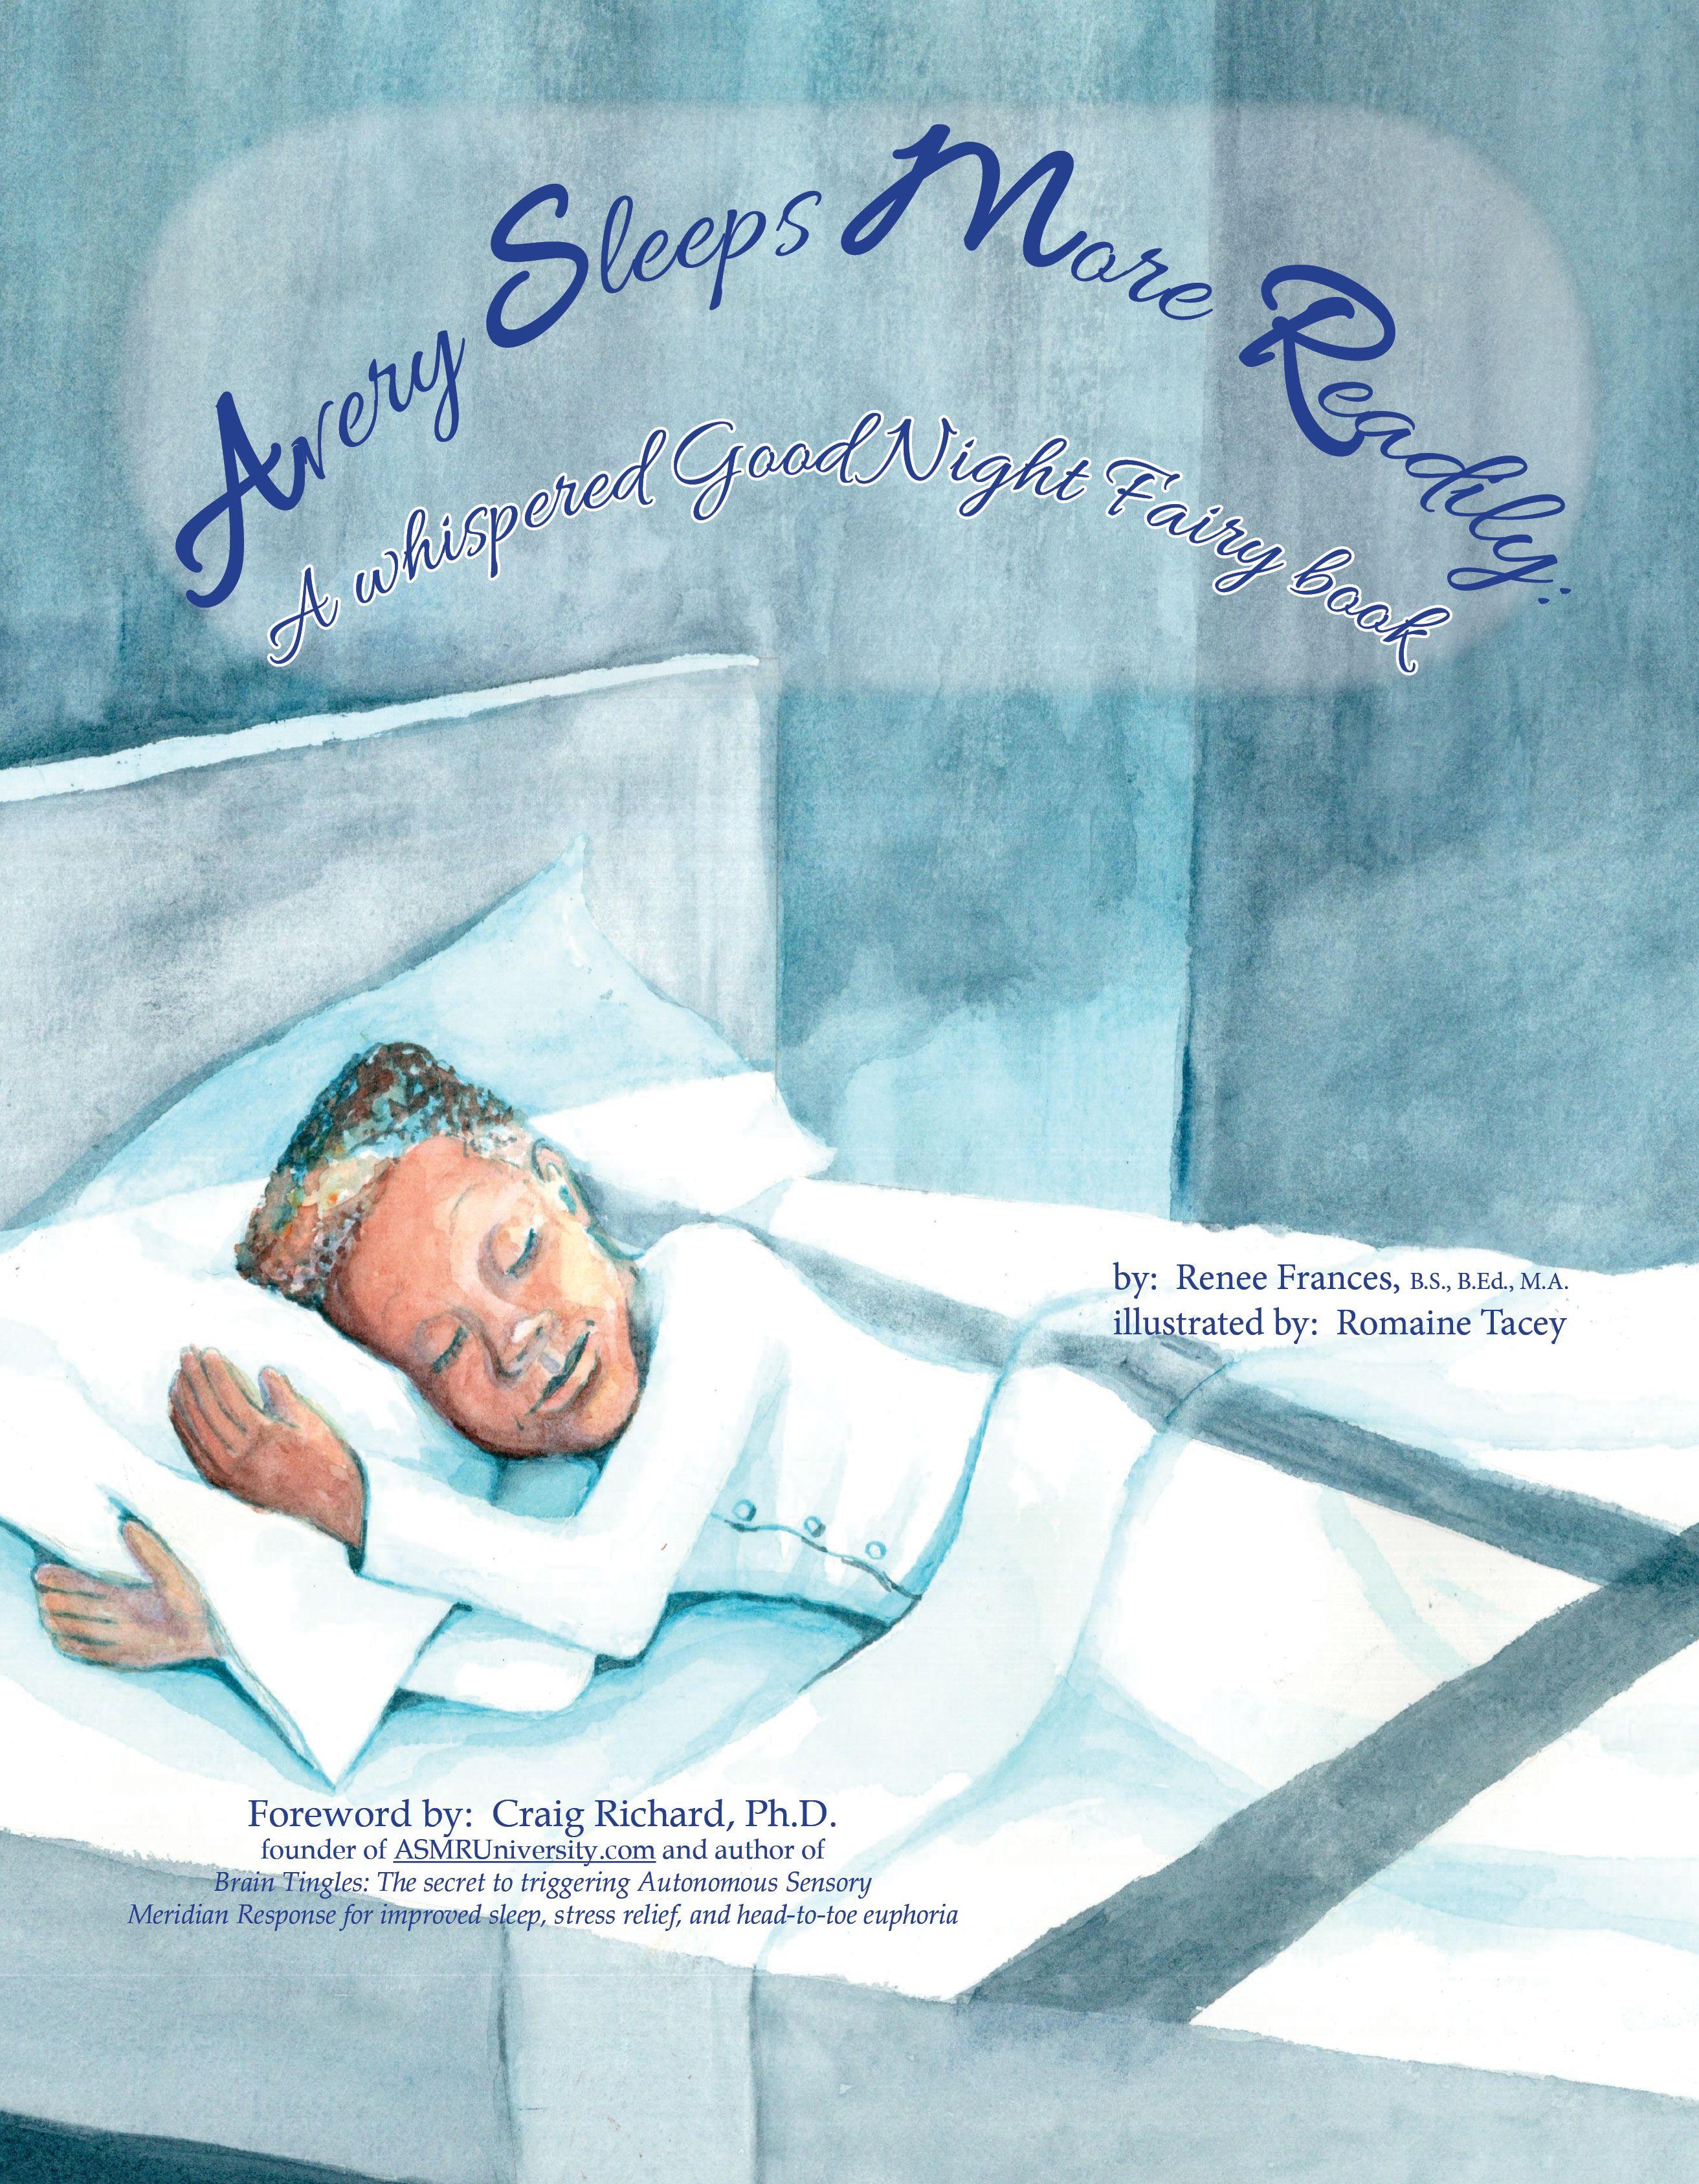 Avery Sleeps More Readily A Whispered Good Night Fairy